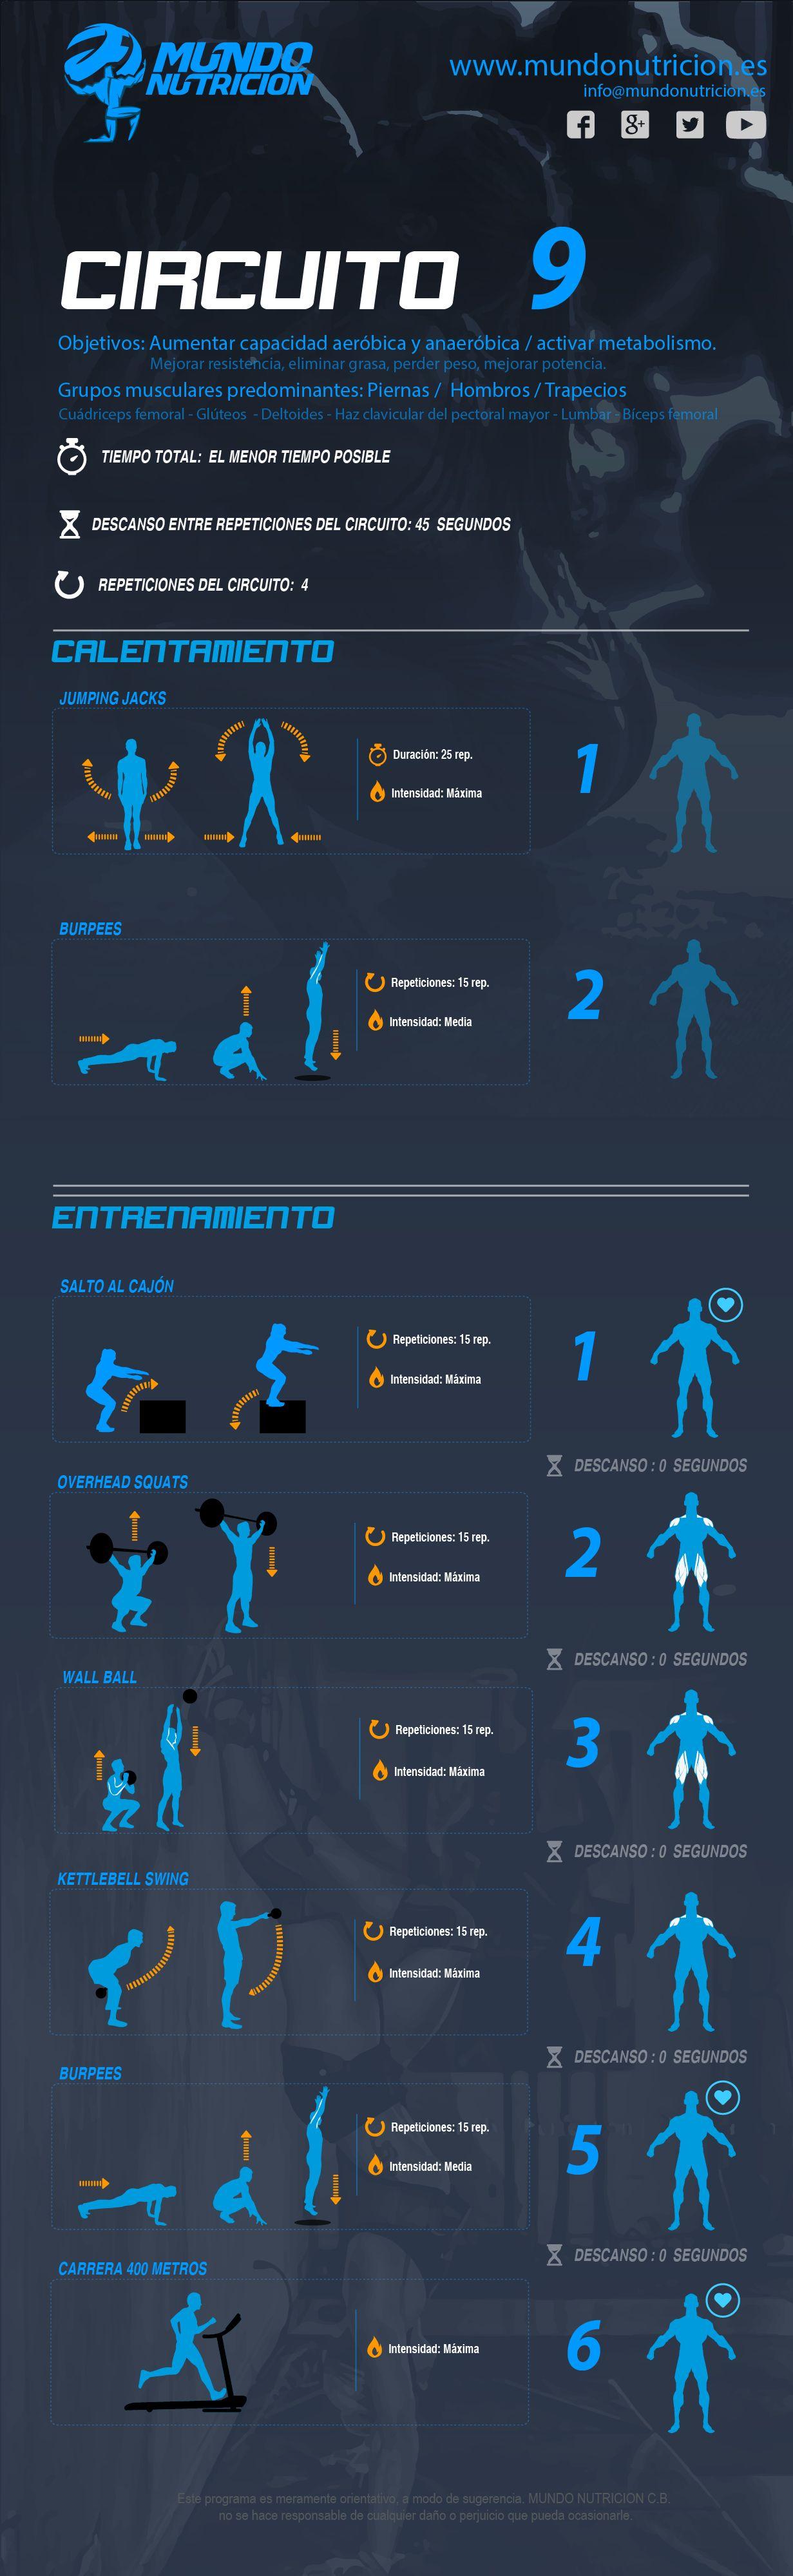 Circuito General : Circuito 9 mundo nutrición. circuito metabólico de #ejercicios